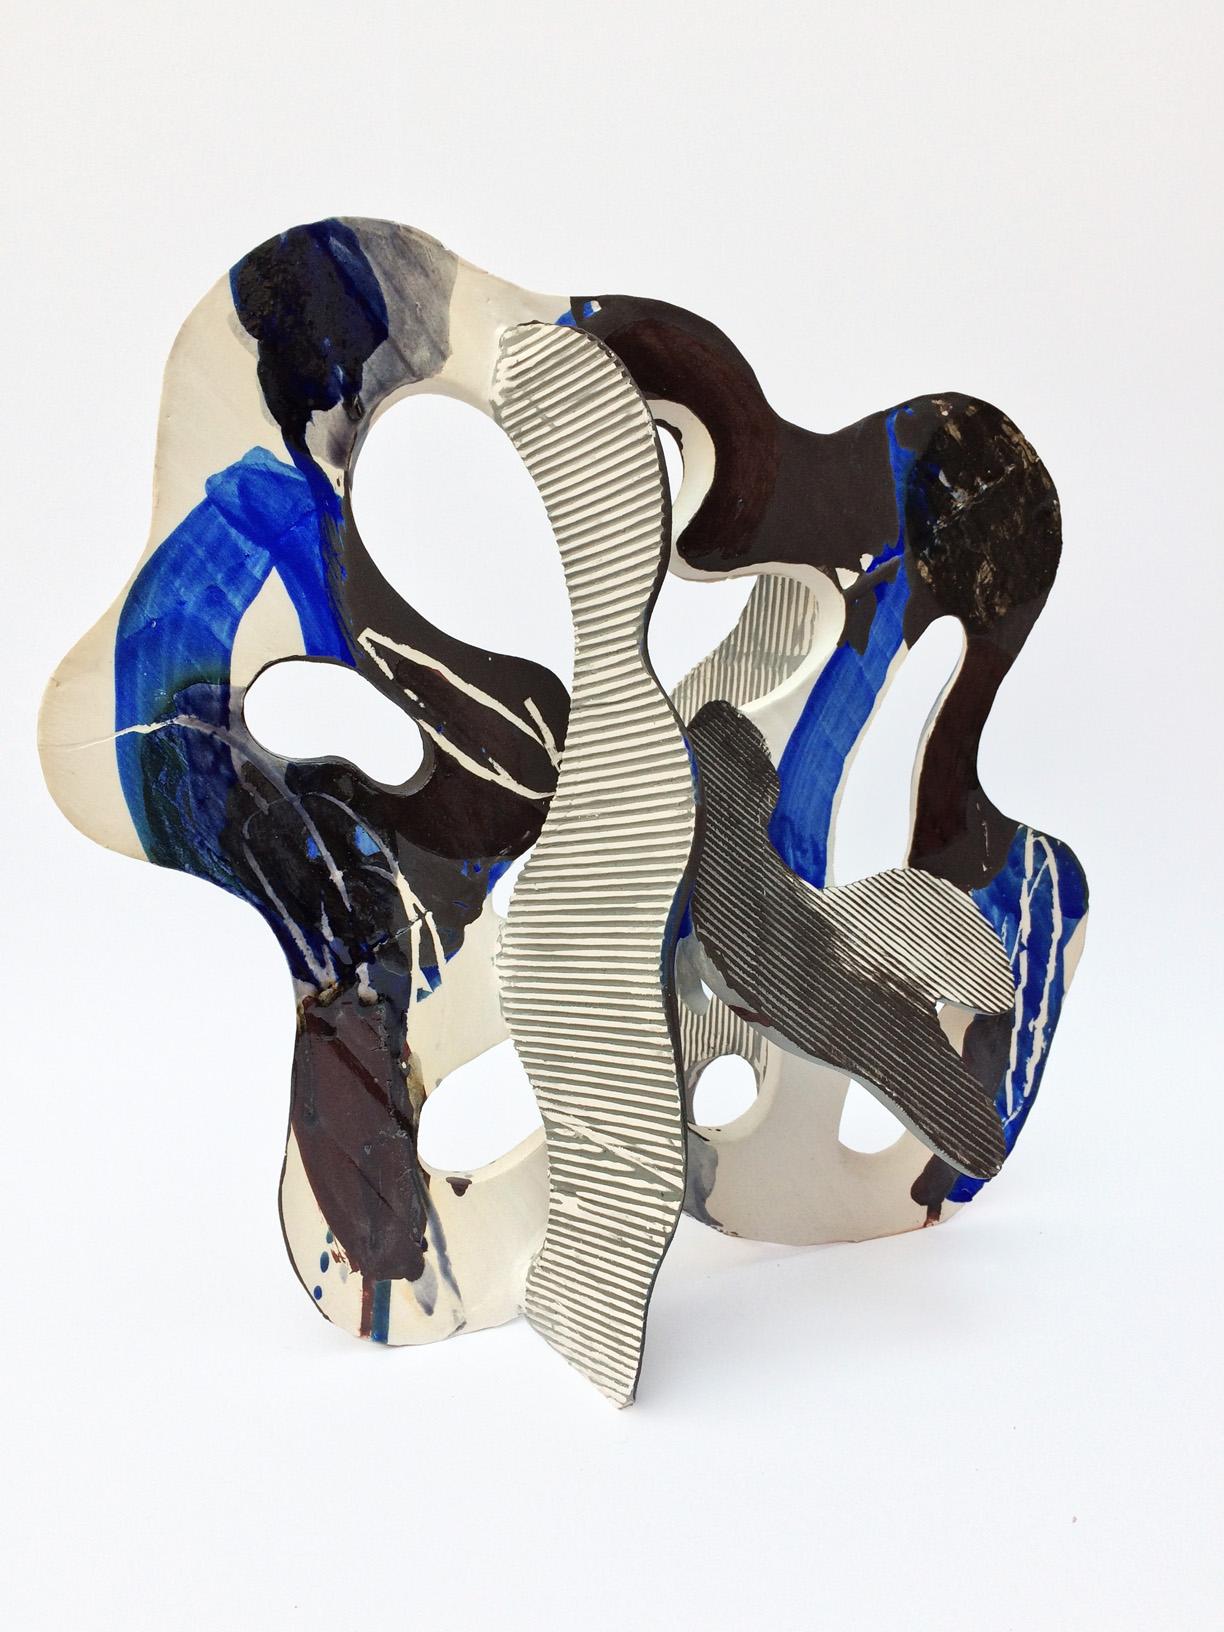 Composition 1 - H 32cm x W 34cm